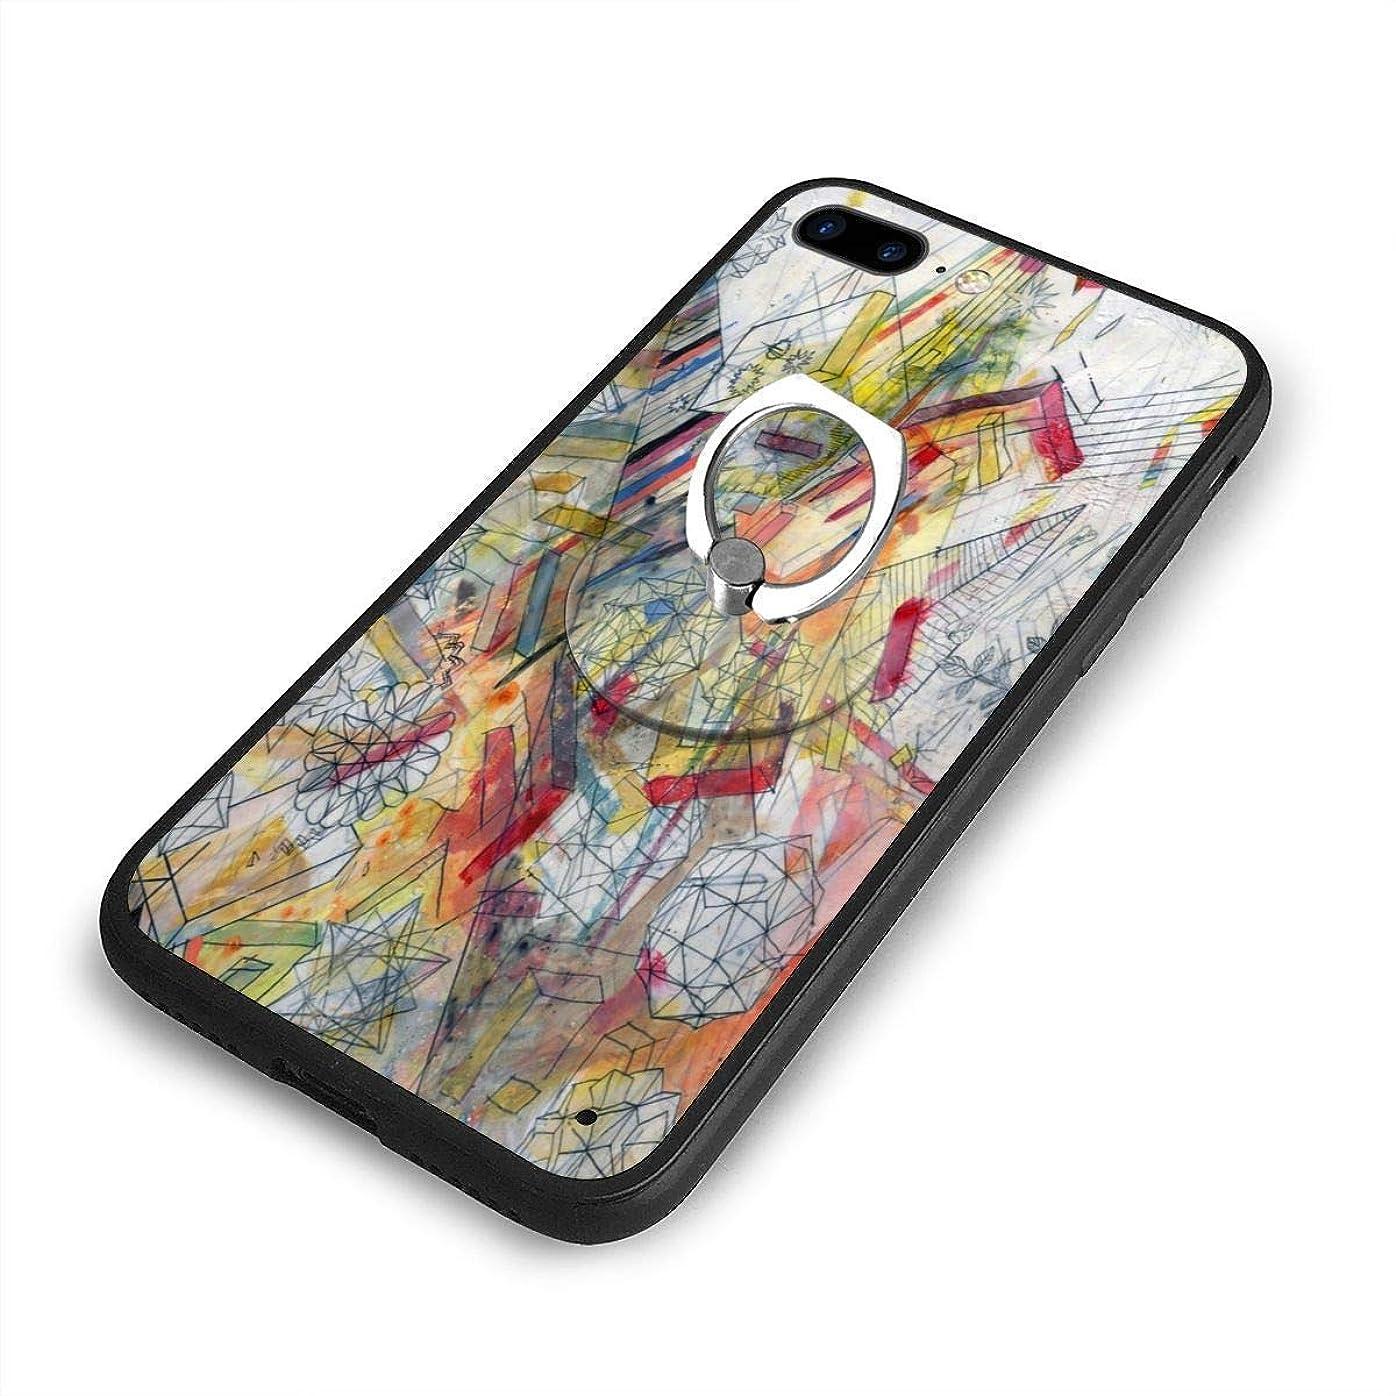 論理的にうまサポート絵画iPhone 7/8 Plusケースリングブラケット 携帯カバー 創意デザイン軽量 傷つけ防止 360°回転ブラケット 携帯ケース PC 衝撃防止 全面保護